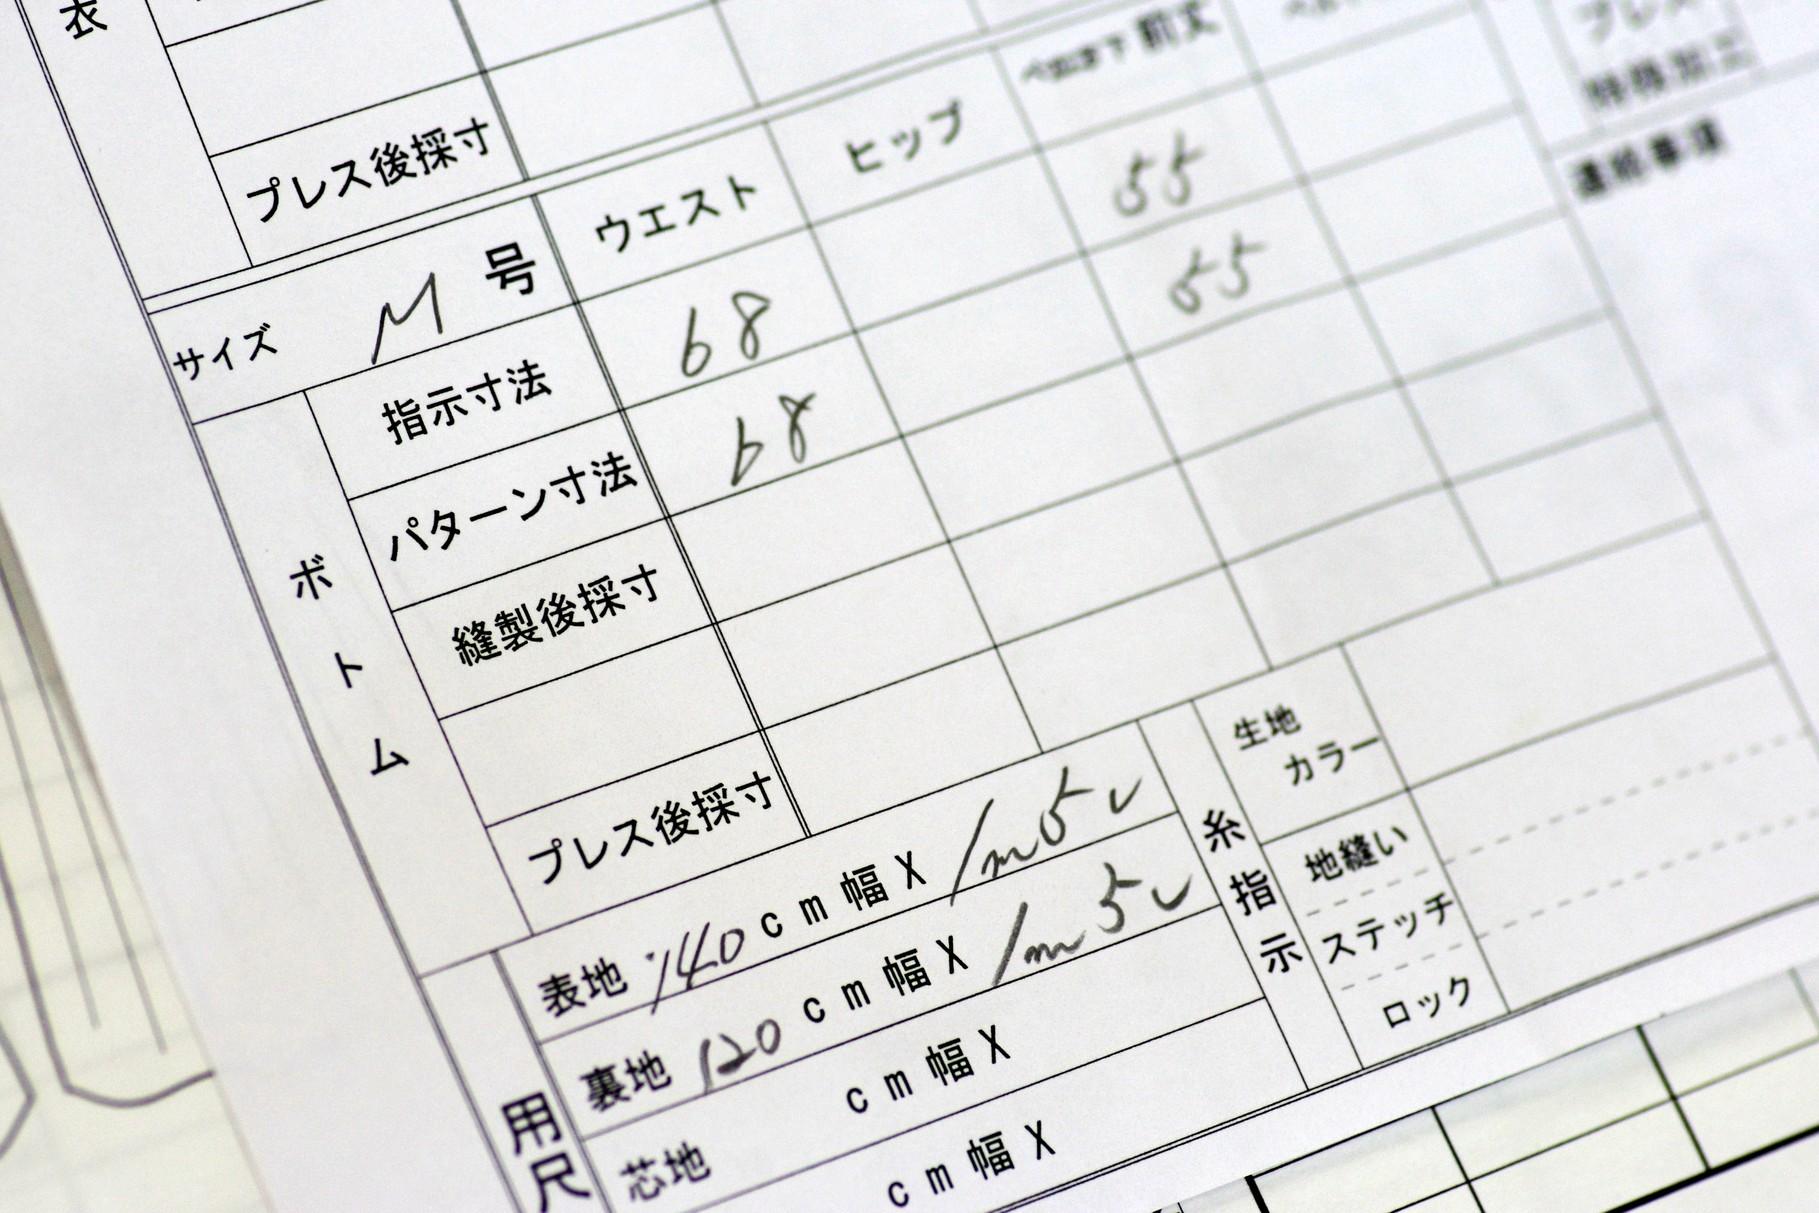 タオルと衣料雑貨卸売OEMマインド松井